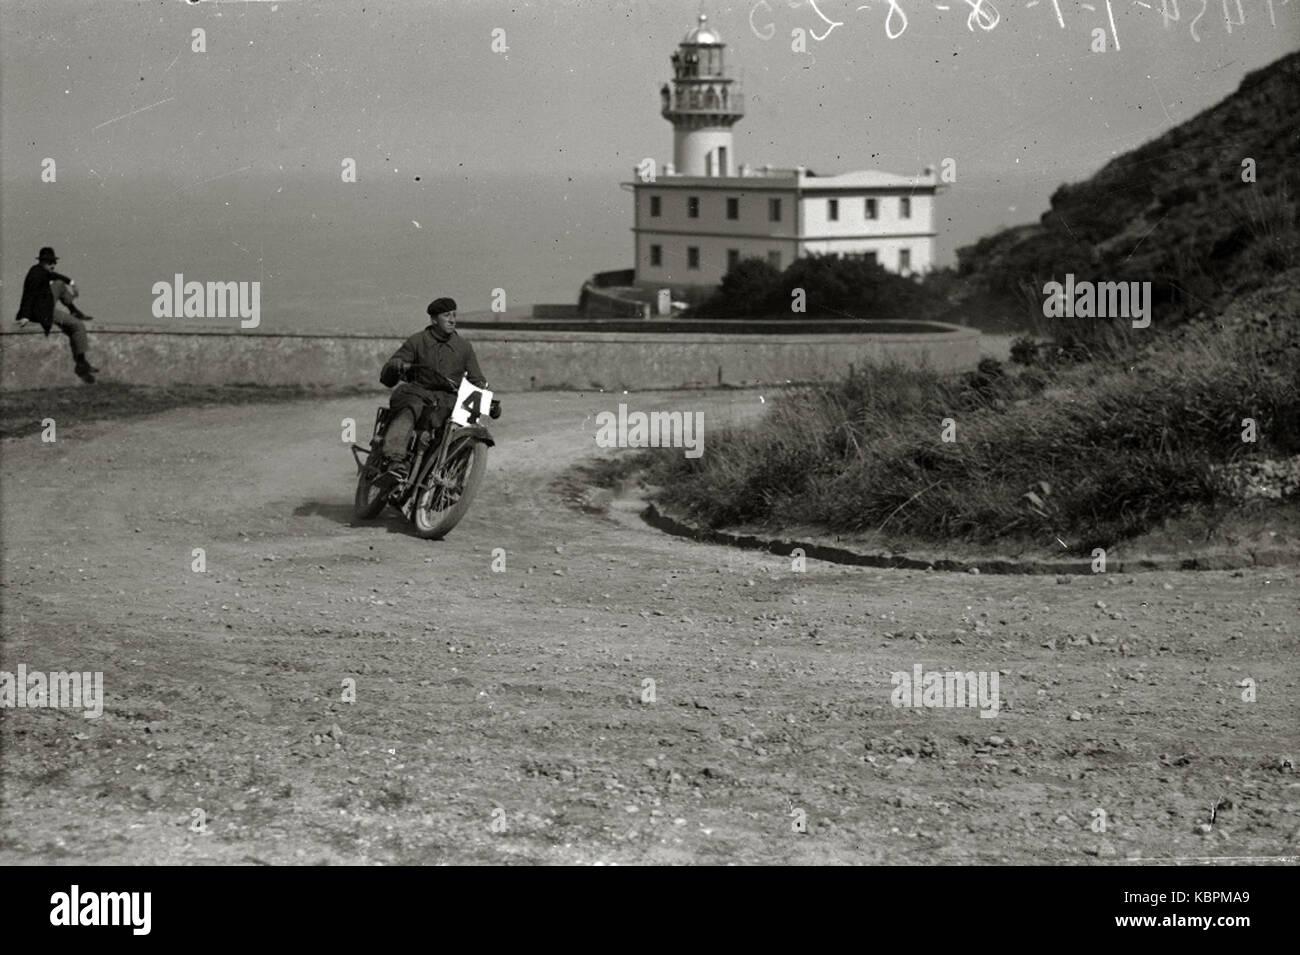 Motociclismo por el Paseo del Faro (4 de 6)   Fondo Car Kutxa Fototeka Stock Photo